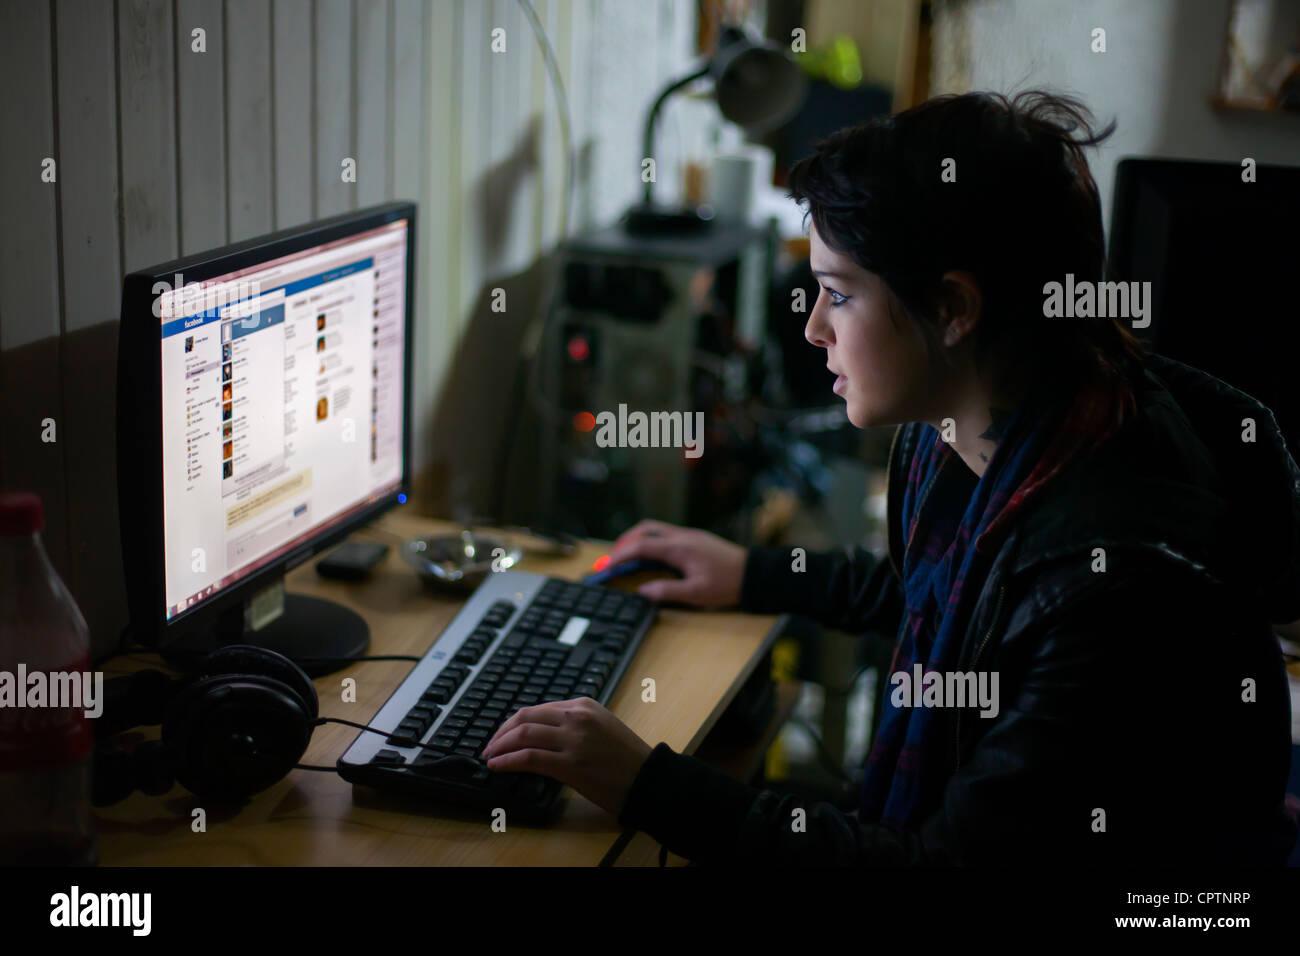 Mujer joven revisando su facebook en el equipo. Imagen De Stock